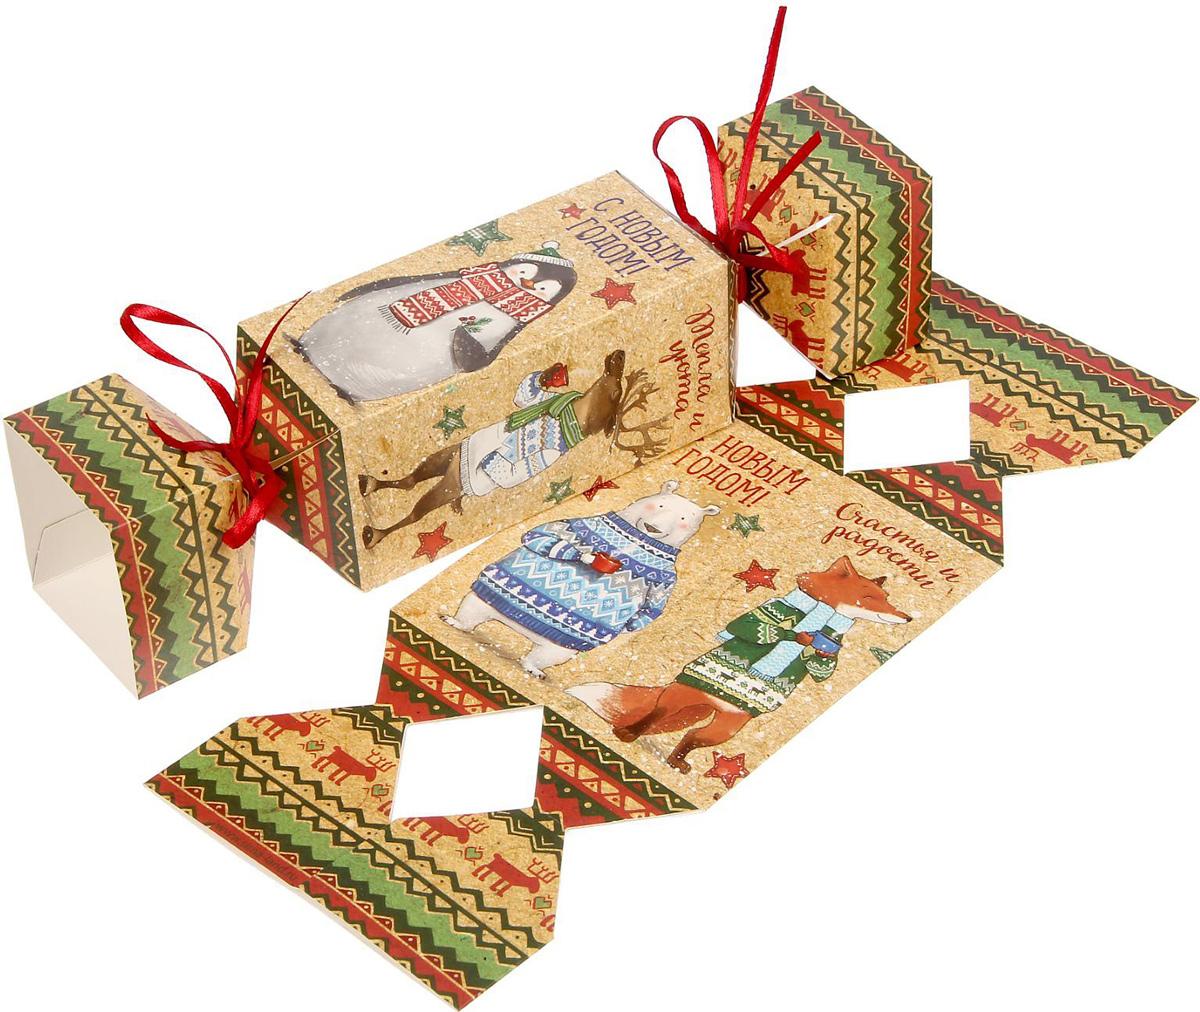 Складная коробка-конфета Sima-land Тепла и Уюта, 11 х 5 см1363334Сделанная своими руками оригинальная упаковка выделит презент из массы других, расскажет о ваших тёплых чувствах, наполнит праздник сказочной атмосферой. Благодаря нашему набору для творчества сделать её не составит труда! Следуйте инструкции, и вы легко создадите яркую, привлекающую внимание коробочку.